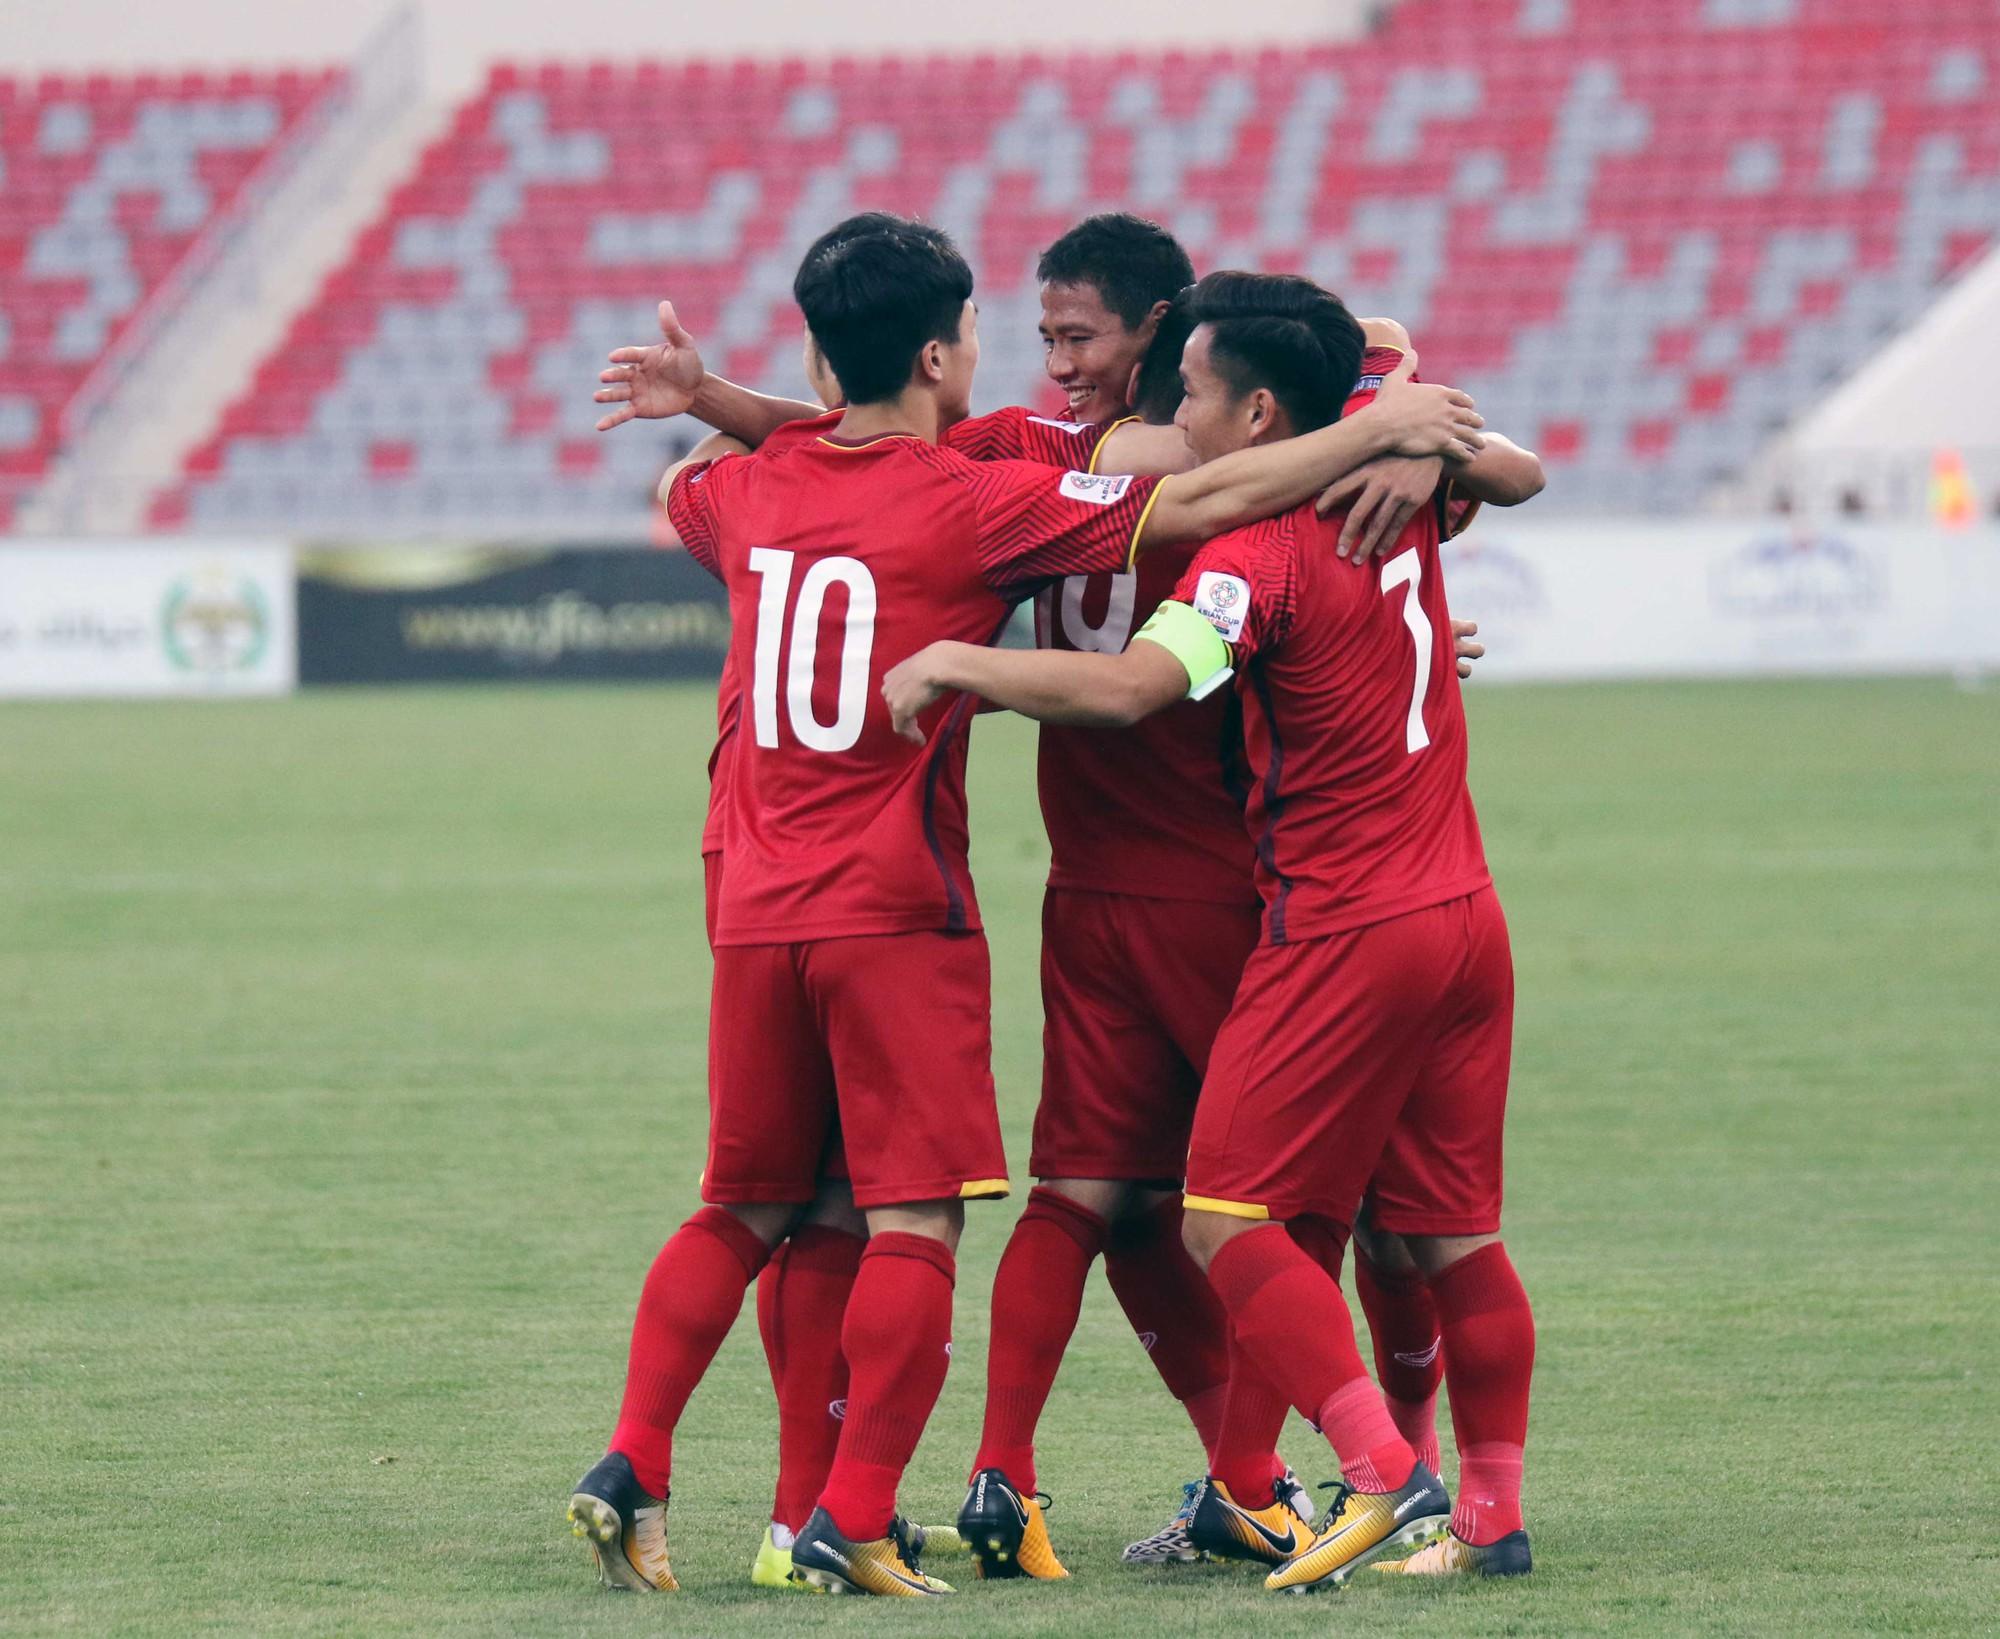 HLV Park Hang Seo: 'Đội tuyển Việt Nam đã chiến đấu với tinh thần tuyệt vời' 1